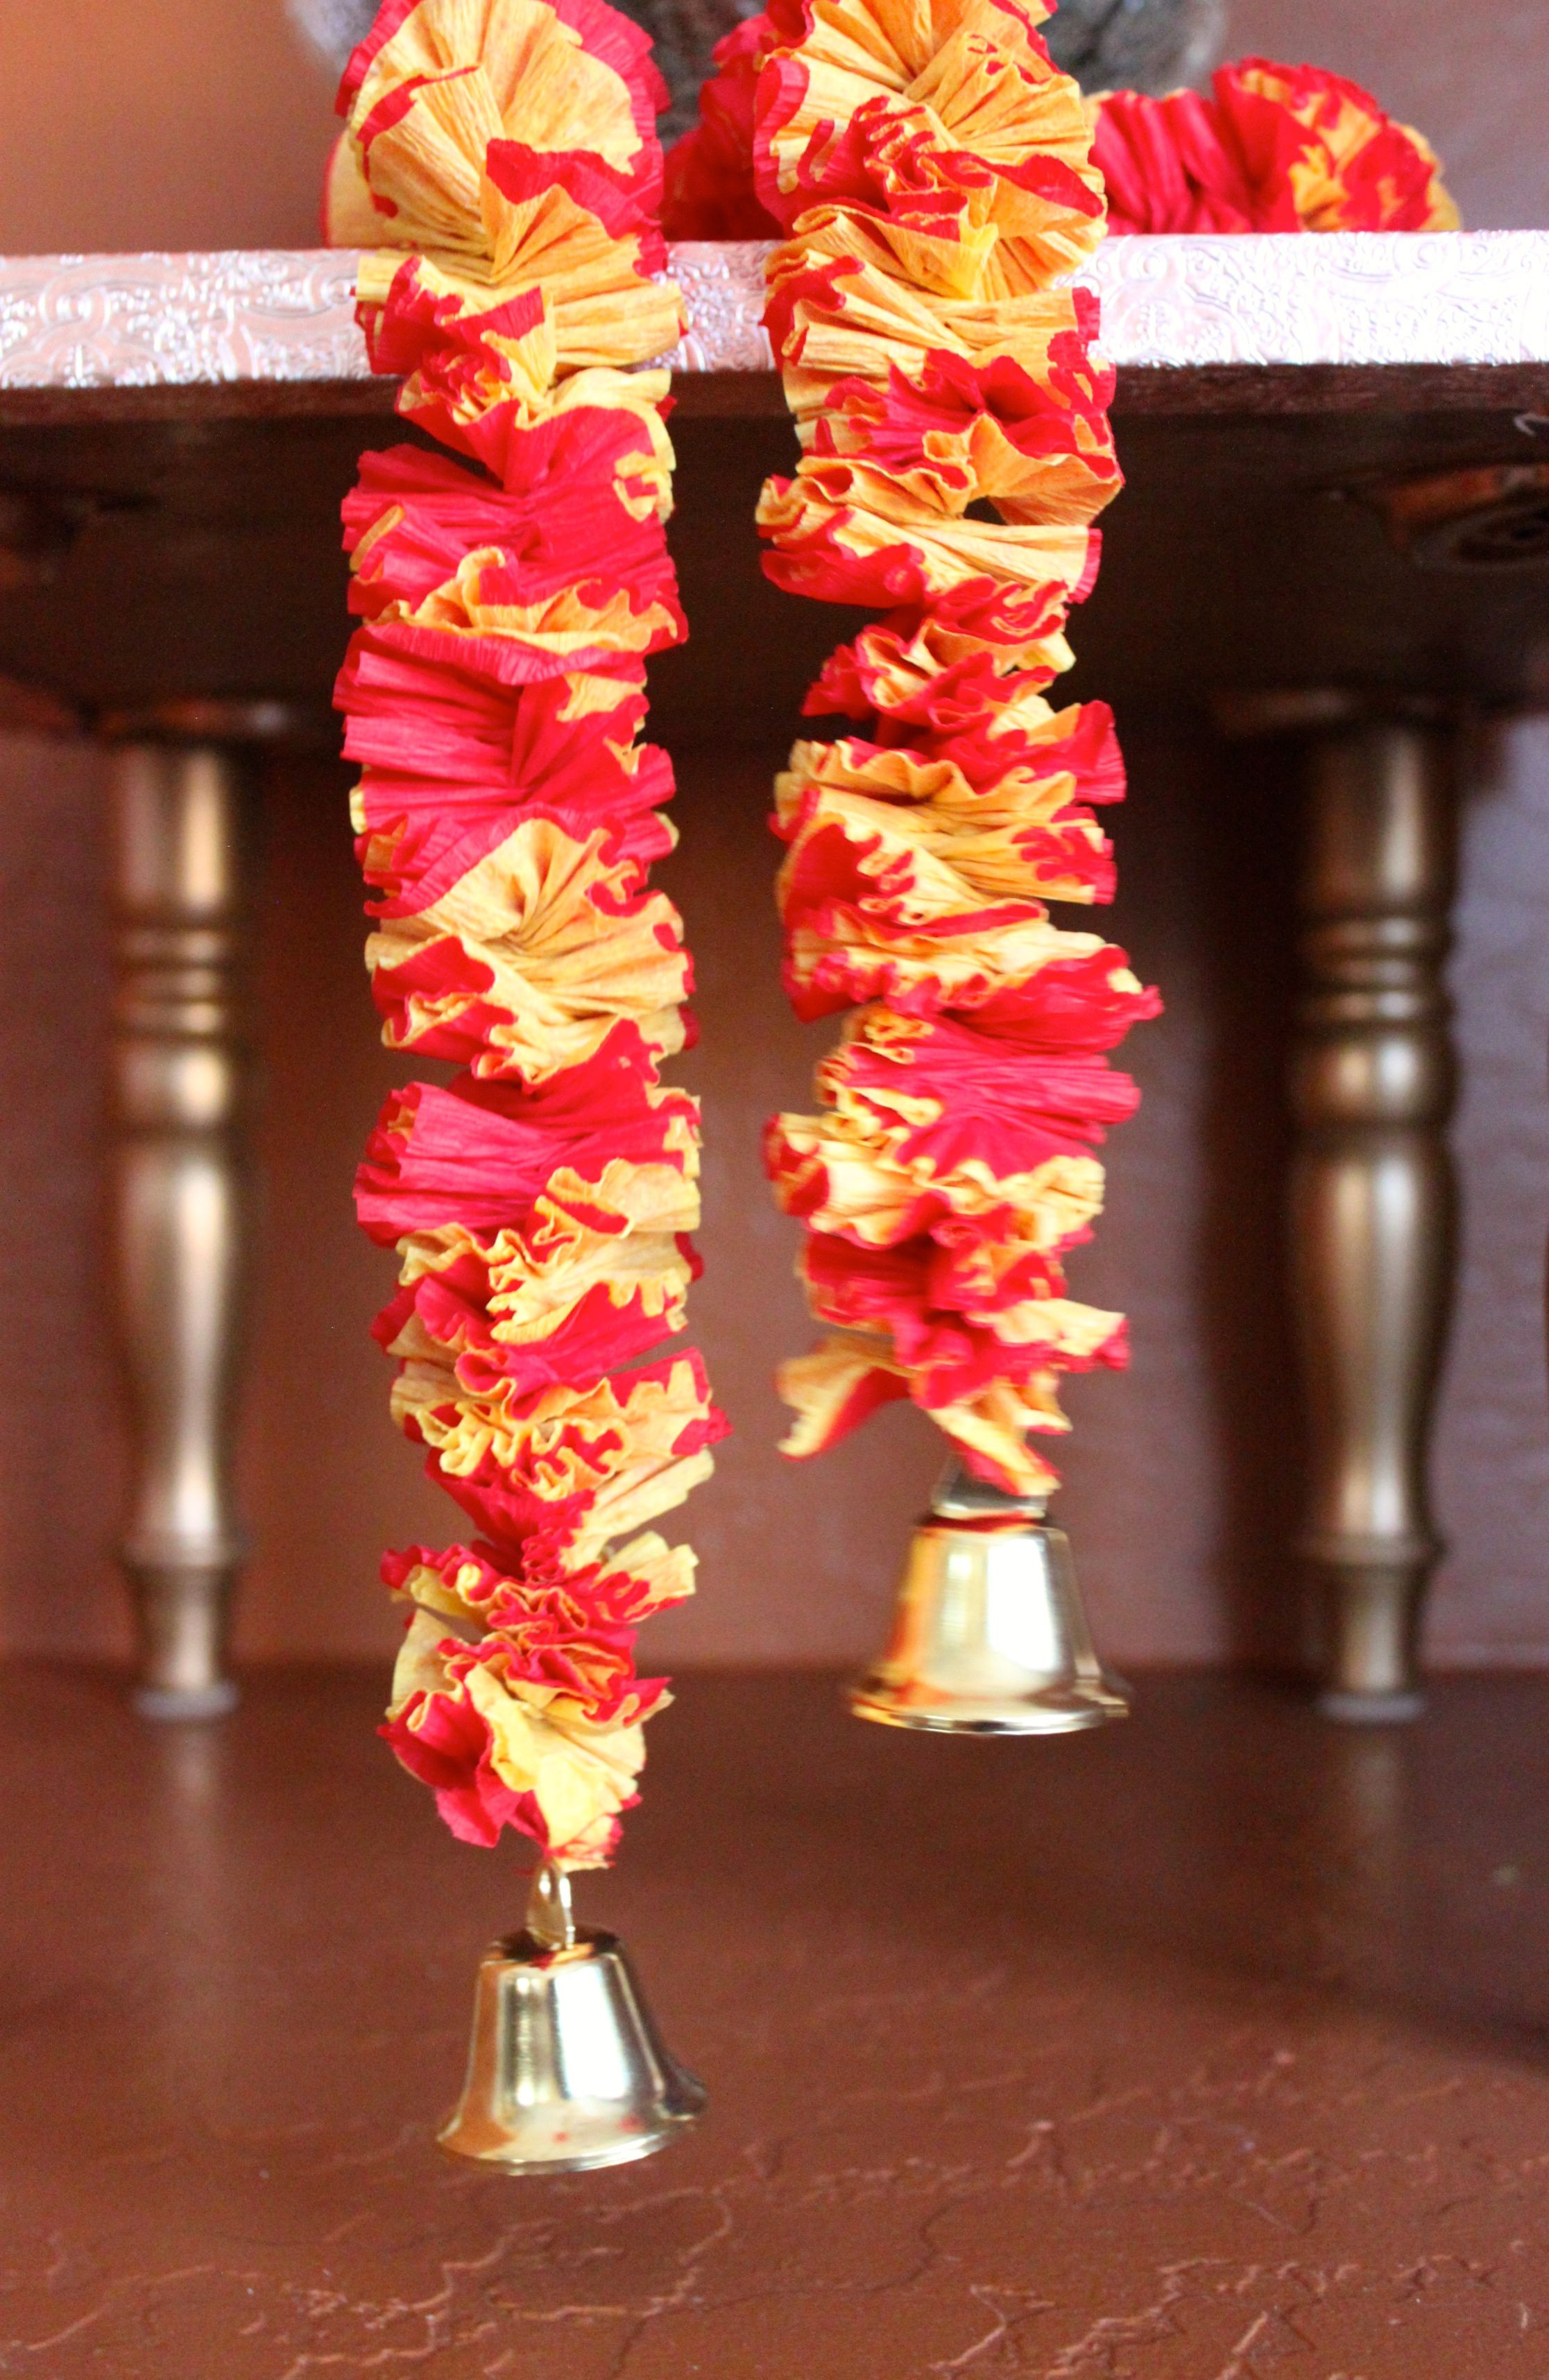 Diy Crepe Paper Garland Toran Diwali Ideas Crepe Paper Garland